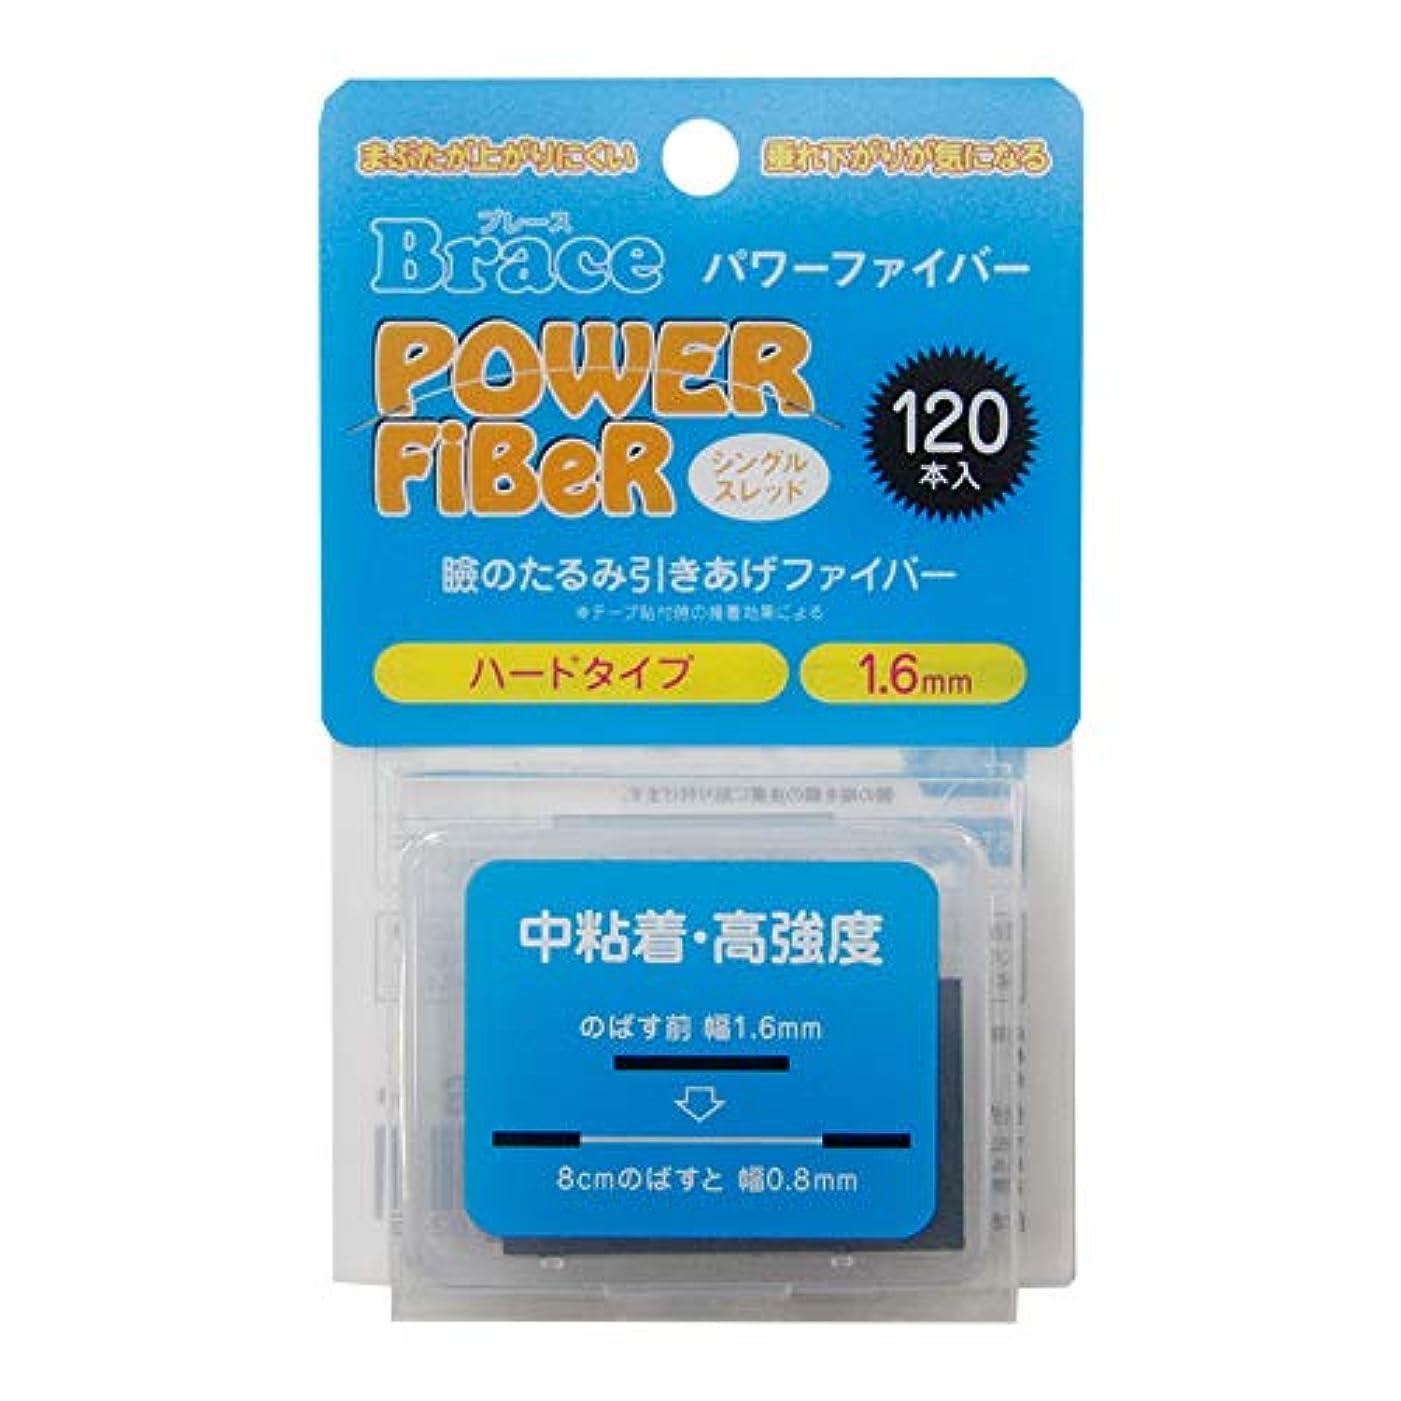 することになっている近々通訳Brace パワーファイバー 眼瞼下垂防止テープ ハードタイプ シングルスレッド 透明1.6mm幅 120本入り